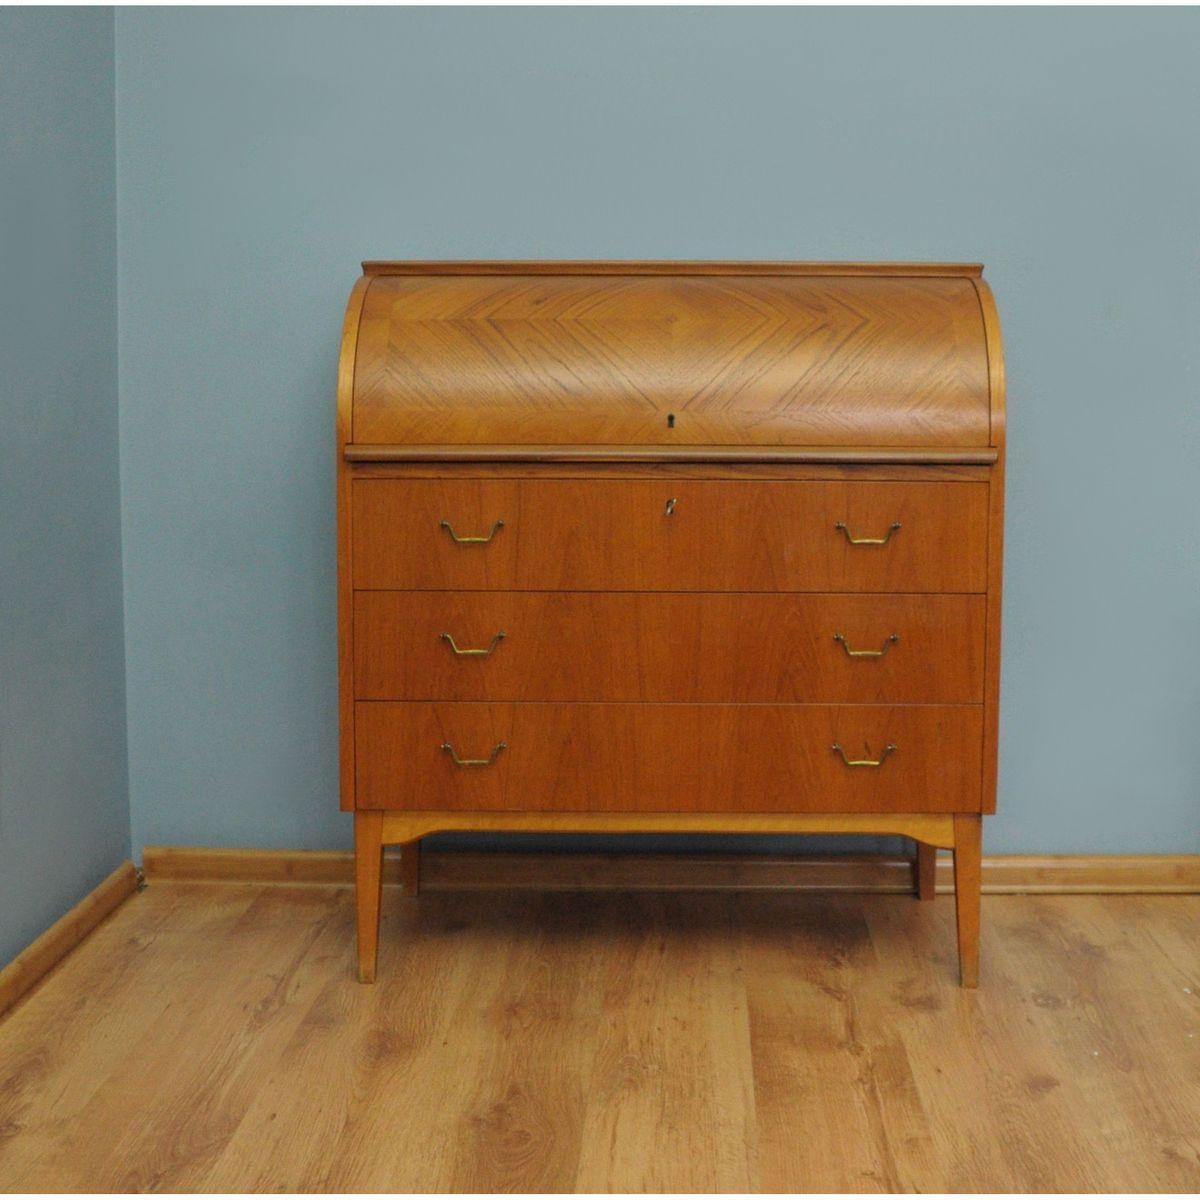 schwedischer mid century teak sekret r mit rollt r von ab br derna gustafssons bei pamono kaufen. Black Bedroom Furniture Sets. Home Design Ideas